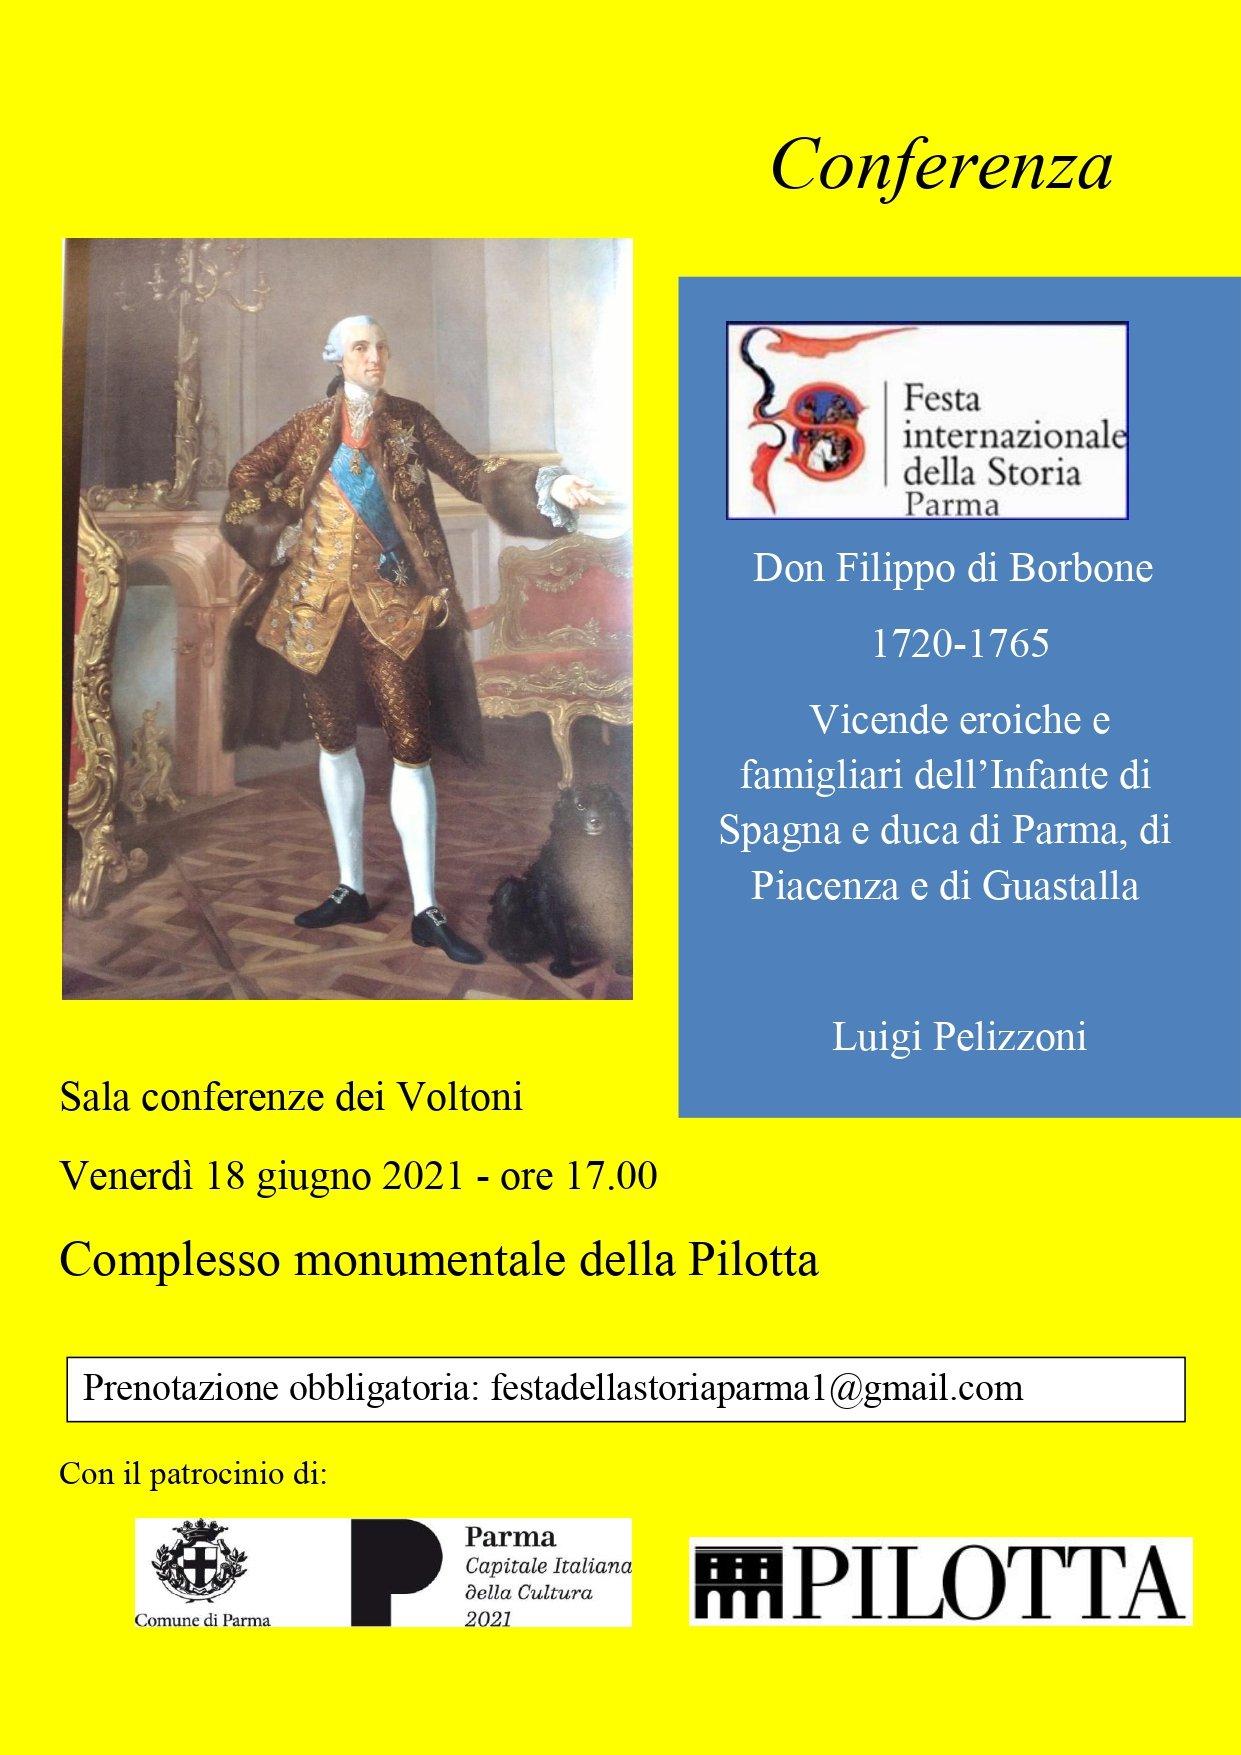 immagineper Festa Internazionale della Storia di Parma: conferenza di Luigi Pelizzoni, locandina